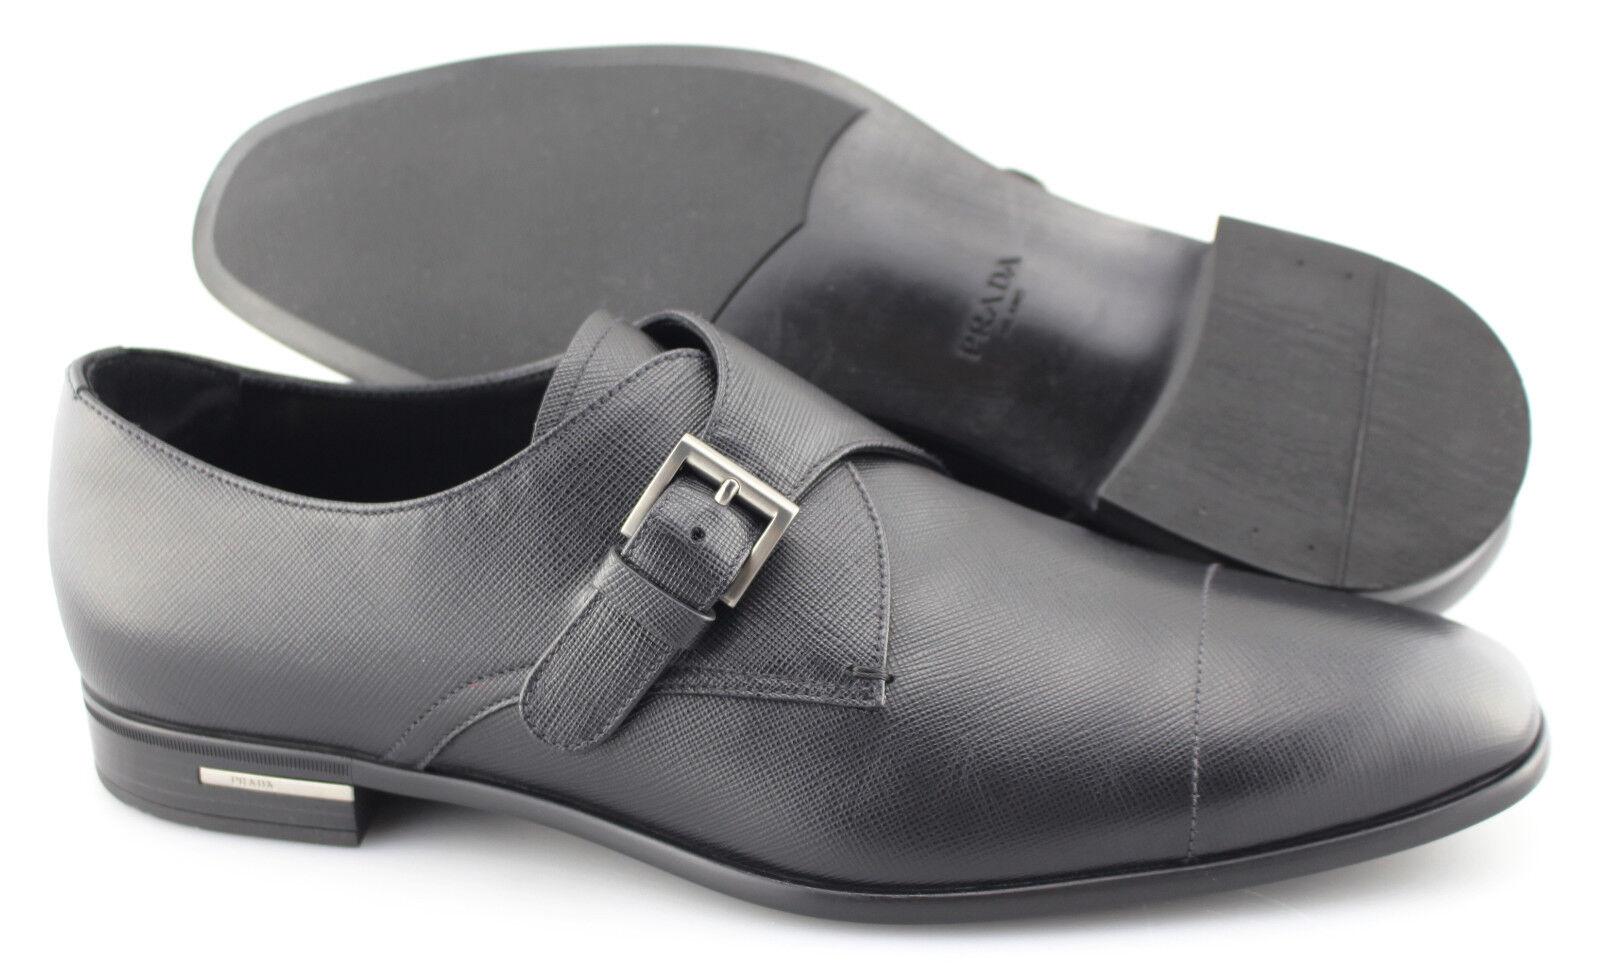 70fc44d0 Para hombres Cuero PRADA 'Saffiano' Monje Correa Mocasines EE. UU. 11 PRADA  Negro nsmnyn7494-Zapatos de vestir